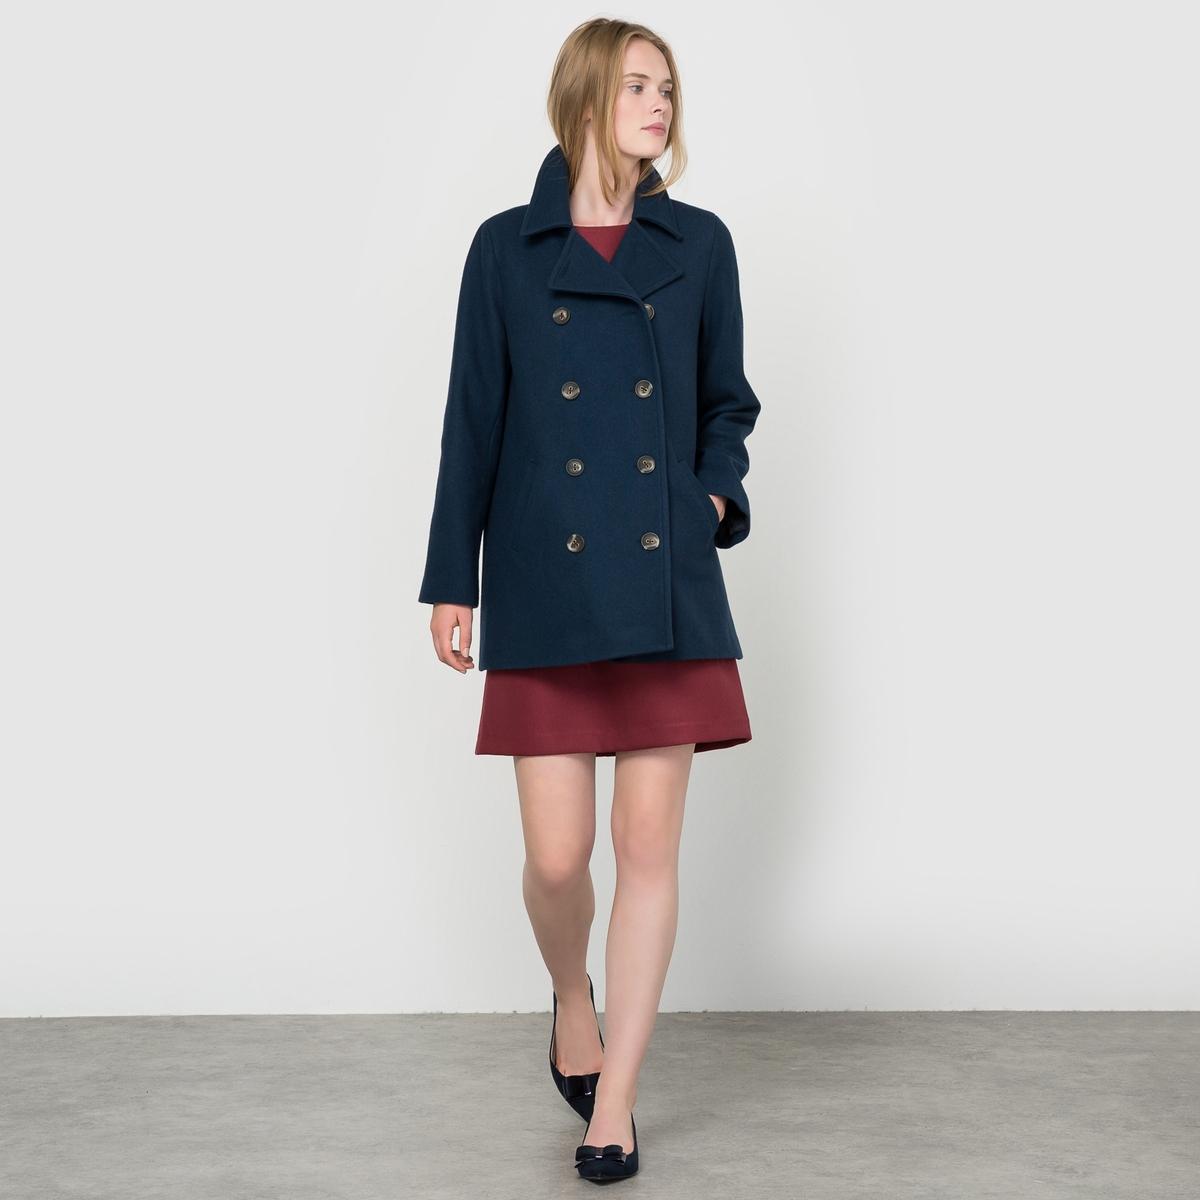 Куртка из шерстяного драпа Made in FranceКуртка из шерстяного драпа, произведенная во Франции . Гарантия высокого качества ! Длинные рукава. Пиджачный воротник. Двубортная застежка на пуговицы. Складка внутрь сзади. 2 кармана спереди.Состав и описаниеМатериал : Драп 70% шерсти, 15% полиэстера, 10% полиамида, 5% других волокон - Подкладка 100% полиэстера Длина : 75 смМарка : R essentiel.УходГладить при умеренной температуре- Сухая чистка.<br><br>Цвет: синий морской<br>Размер: 38 (FR) - 44 (RUS).36 (FR) - 42 (RUS)